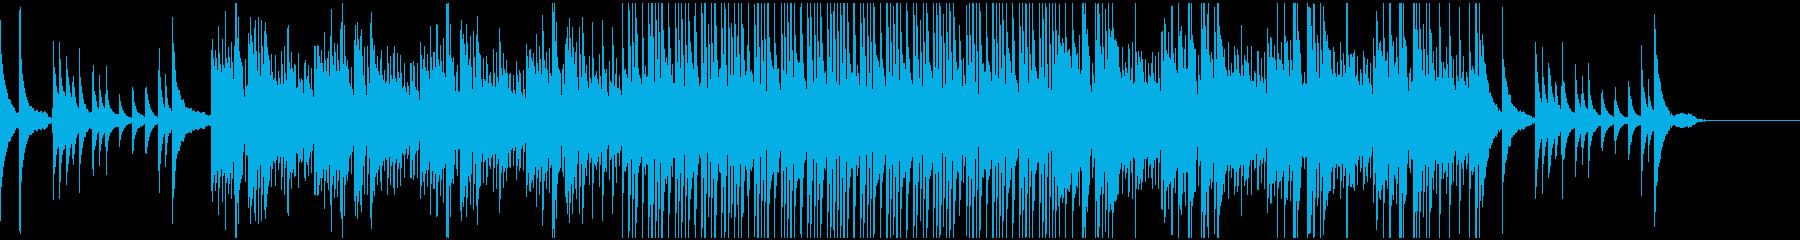 春の暖かな訪れを表現したピアノサウンドの再生済みの波形